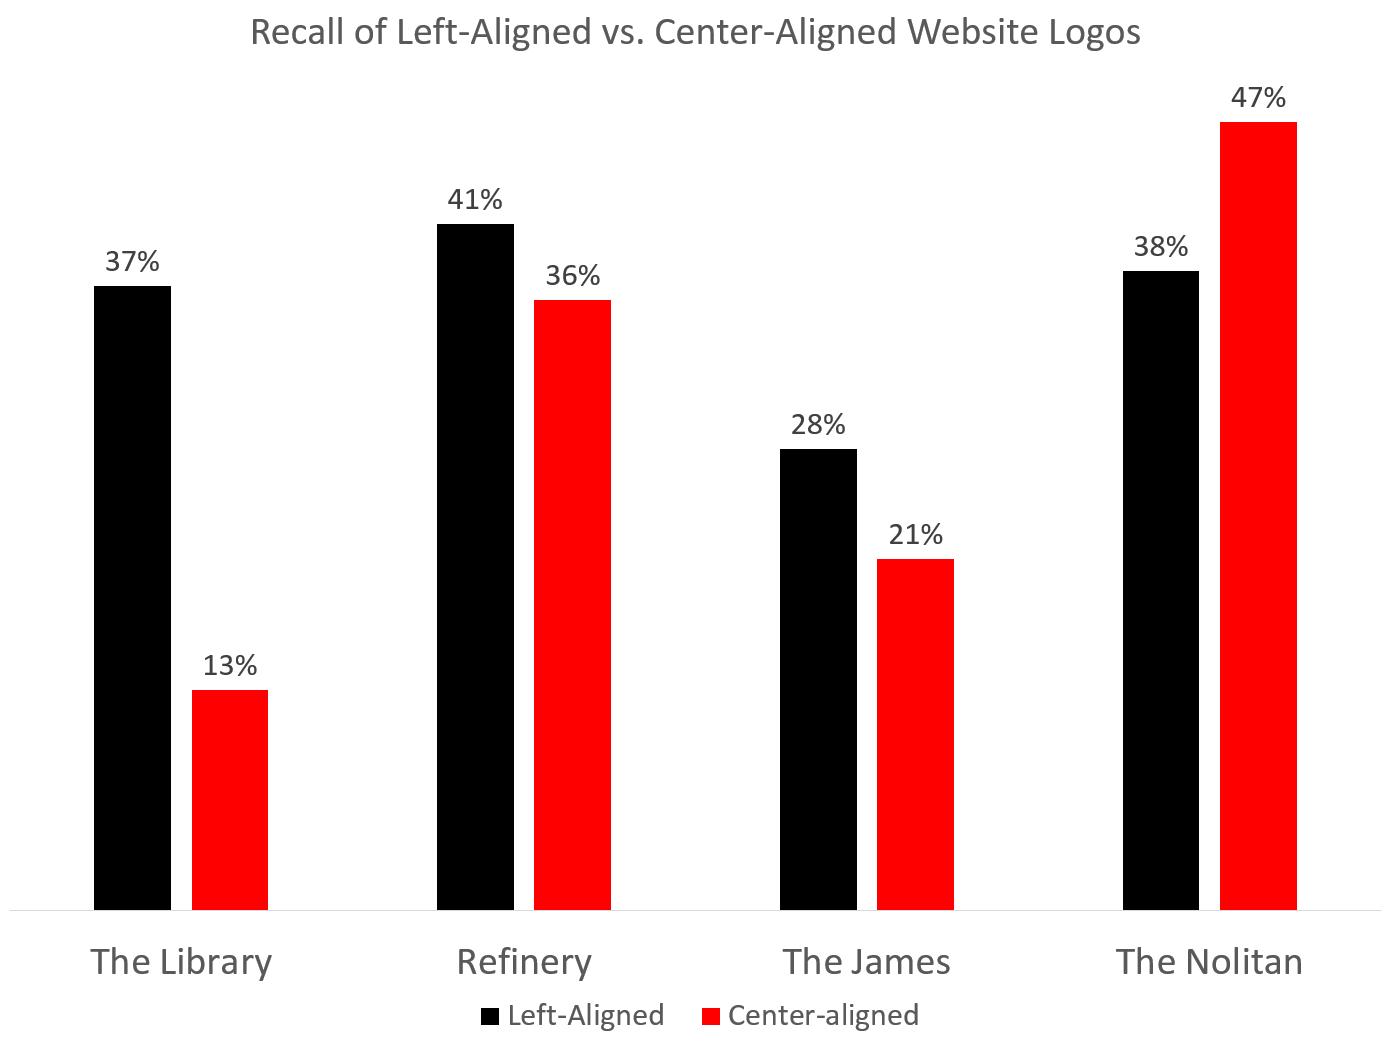 中心标志与左标志的辅助回忆实验结果